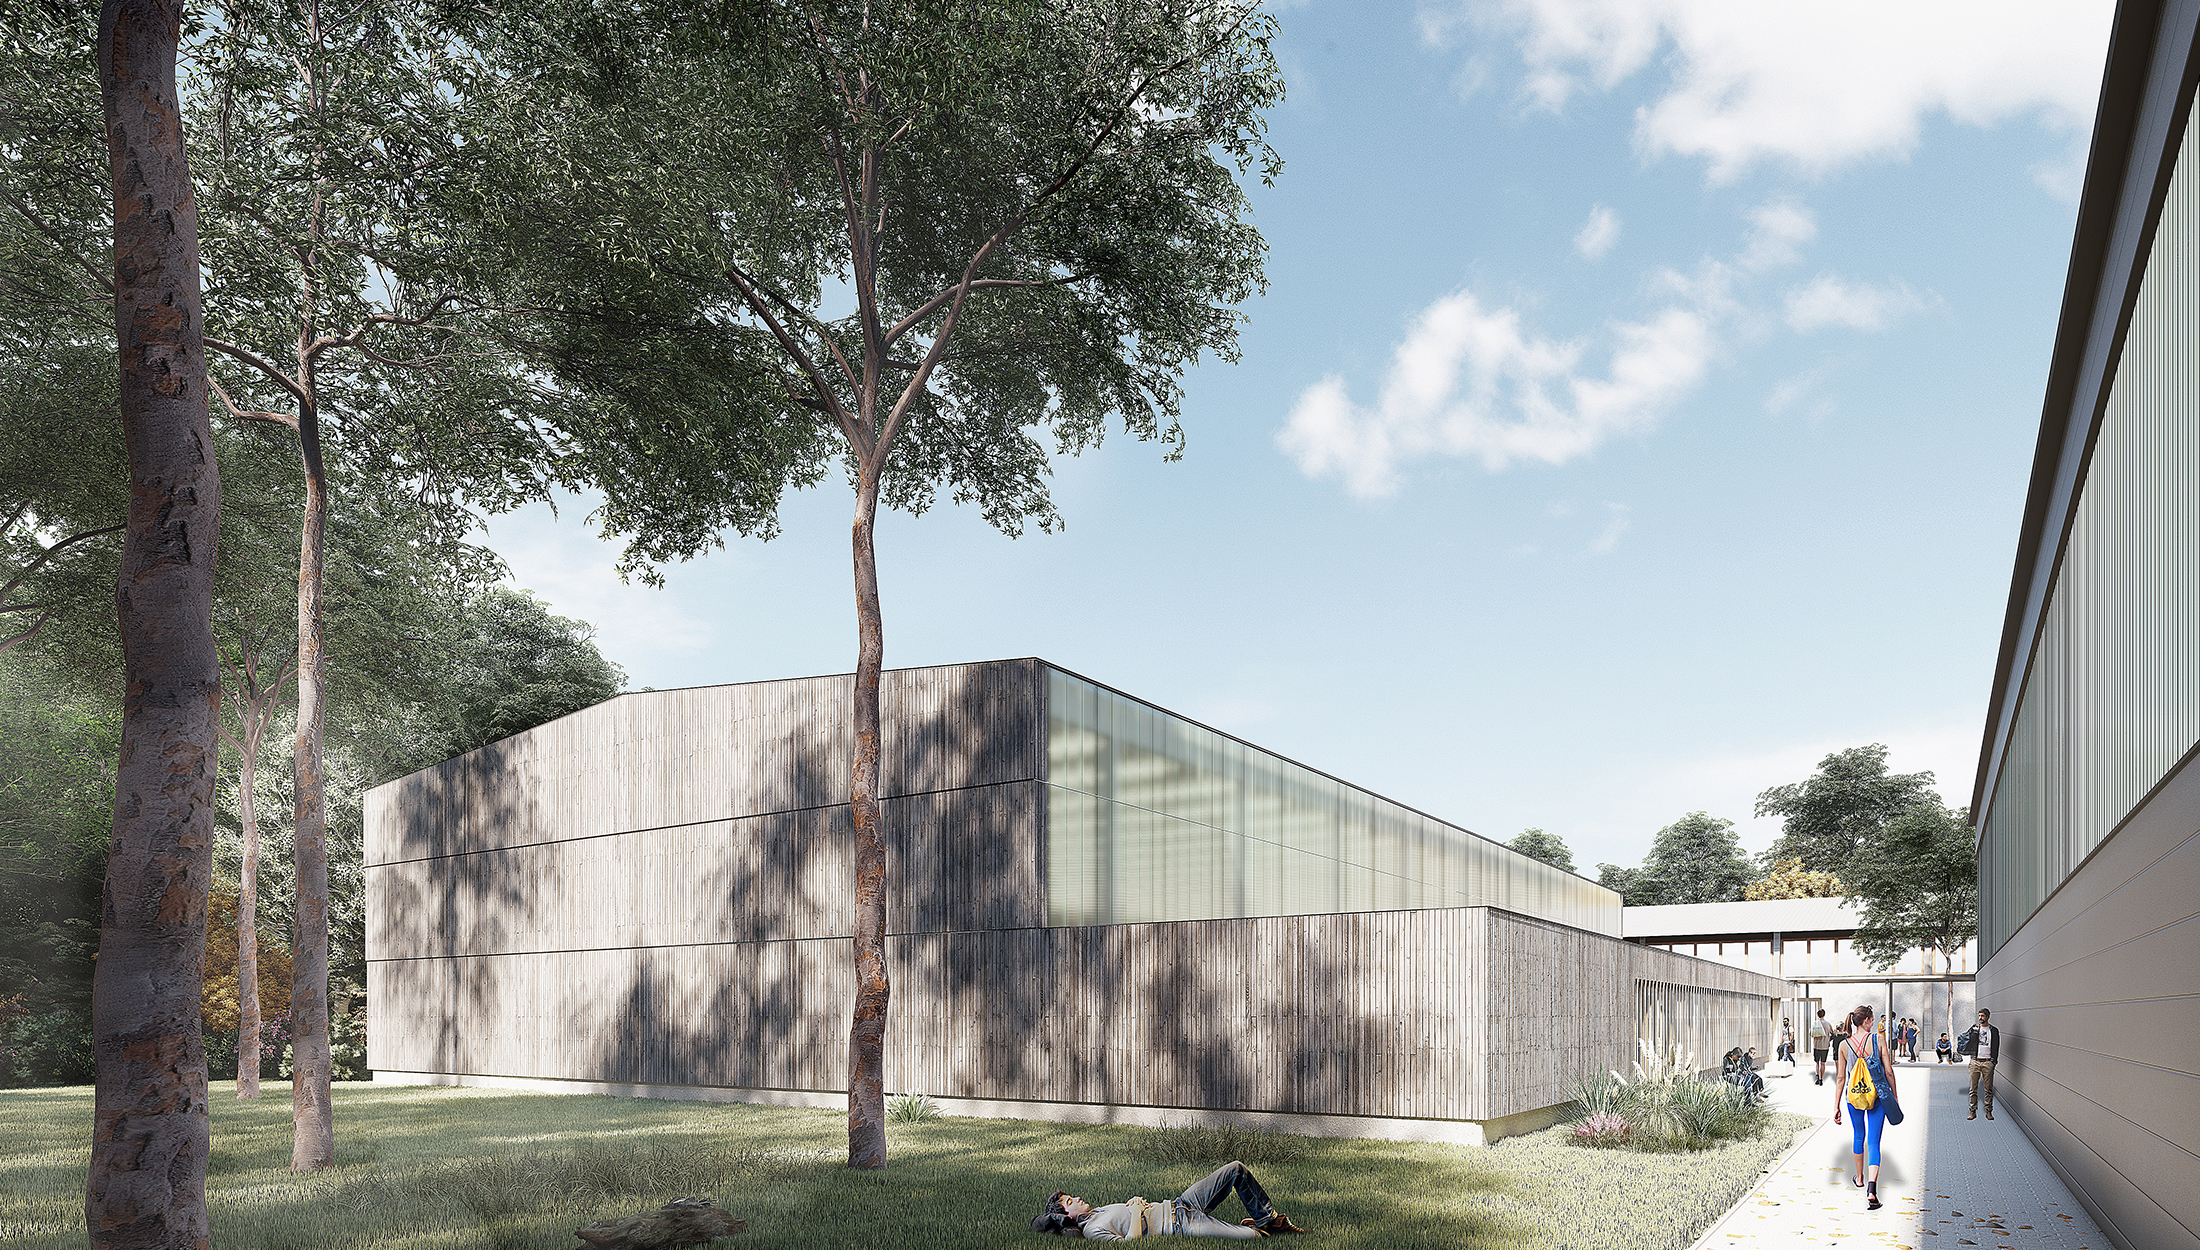 2021, Wettbewerb Neubau Sporthalle, Landessportschule Ruit